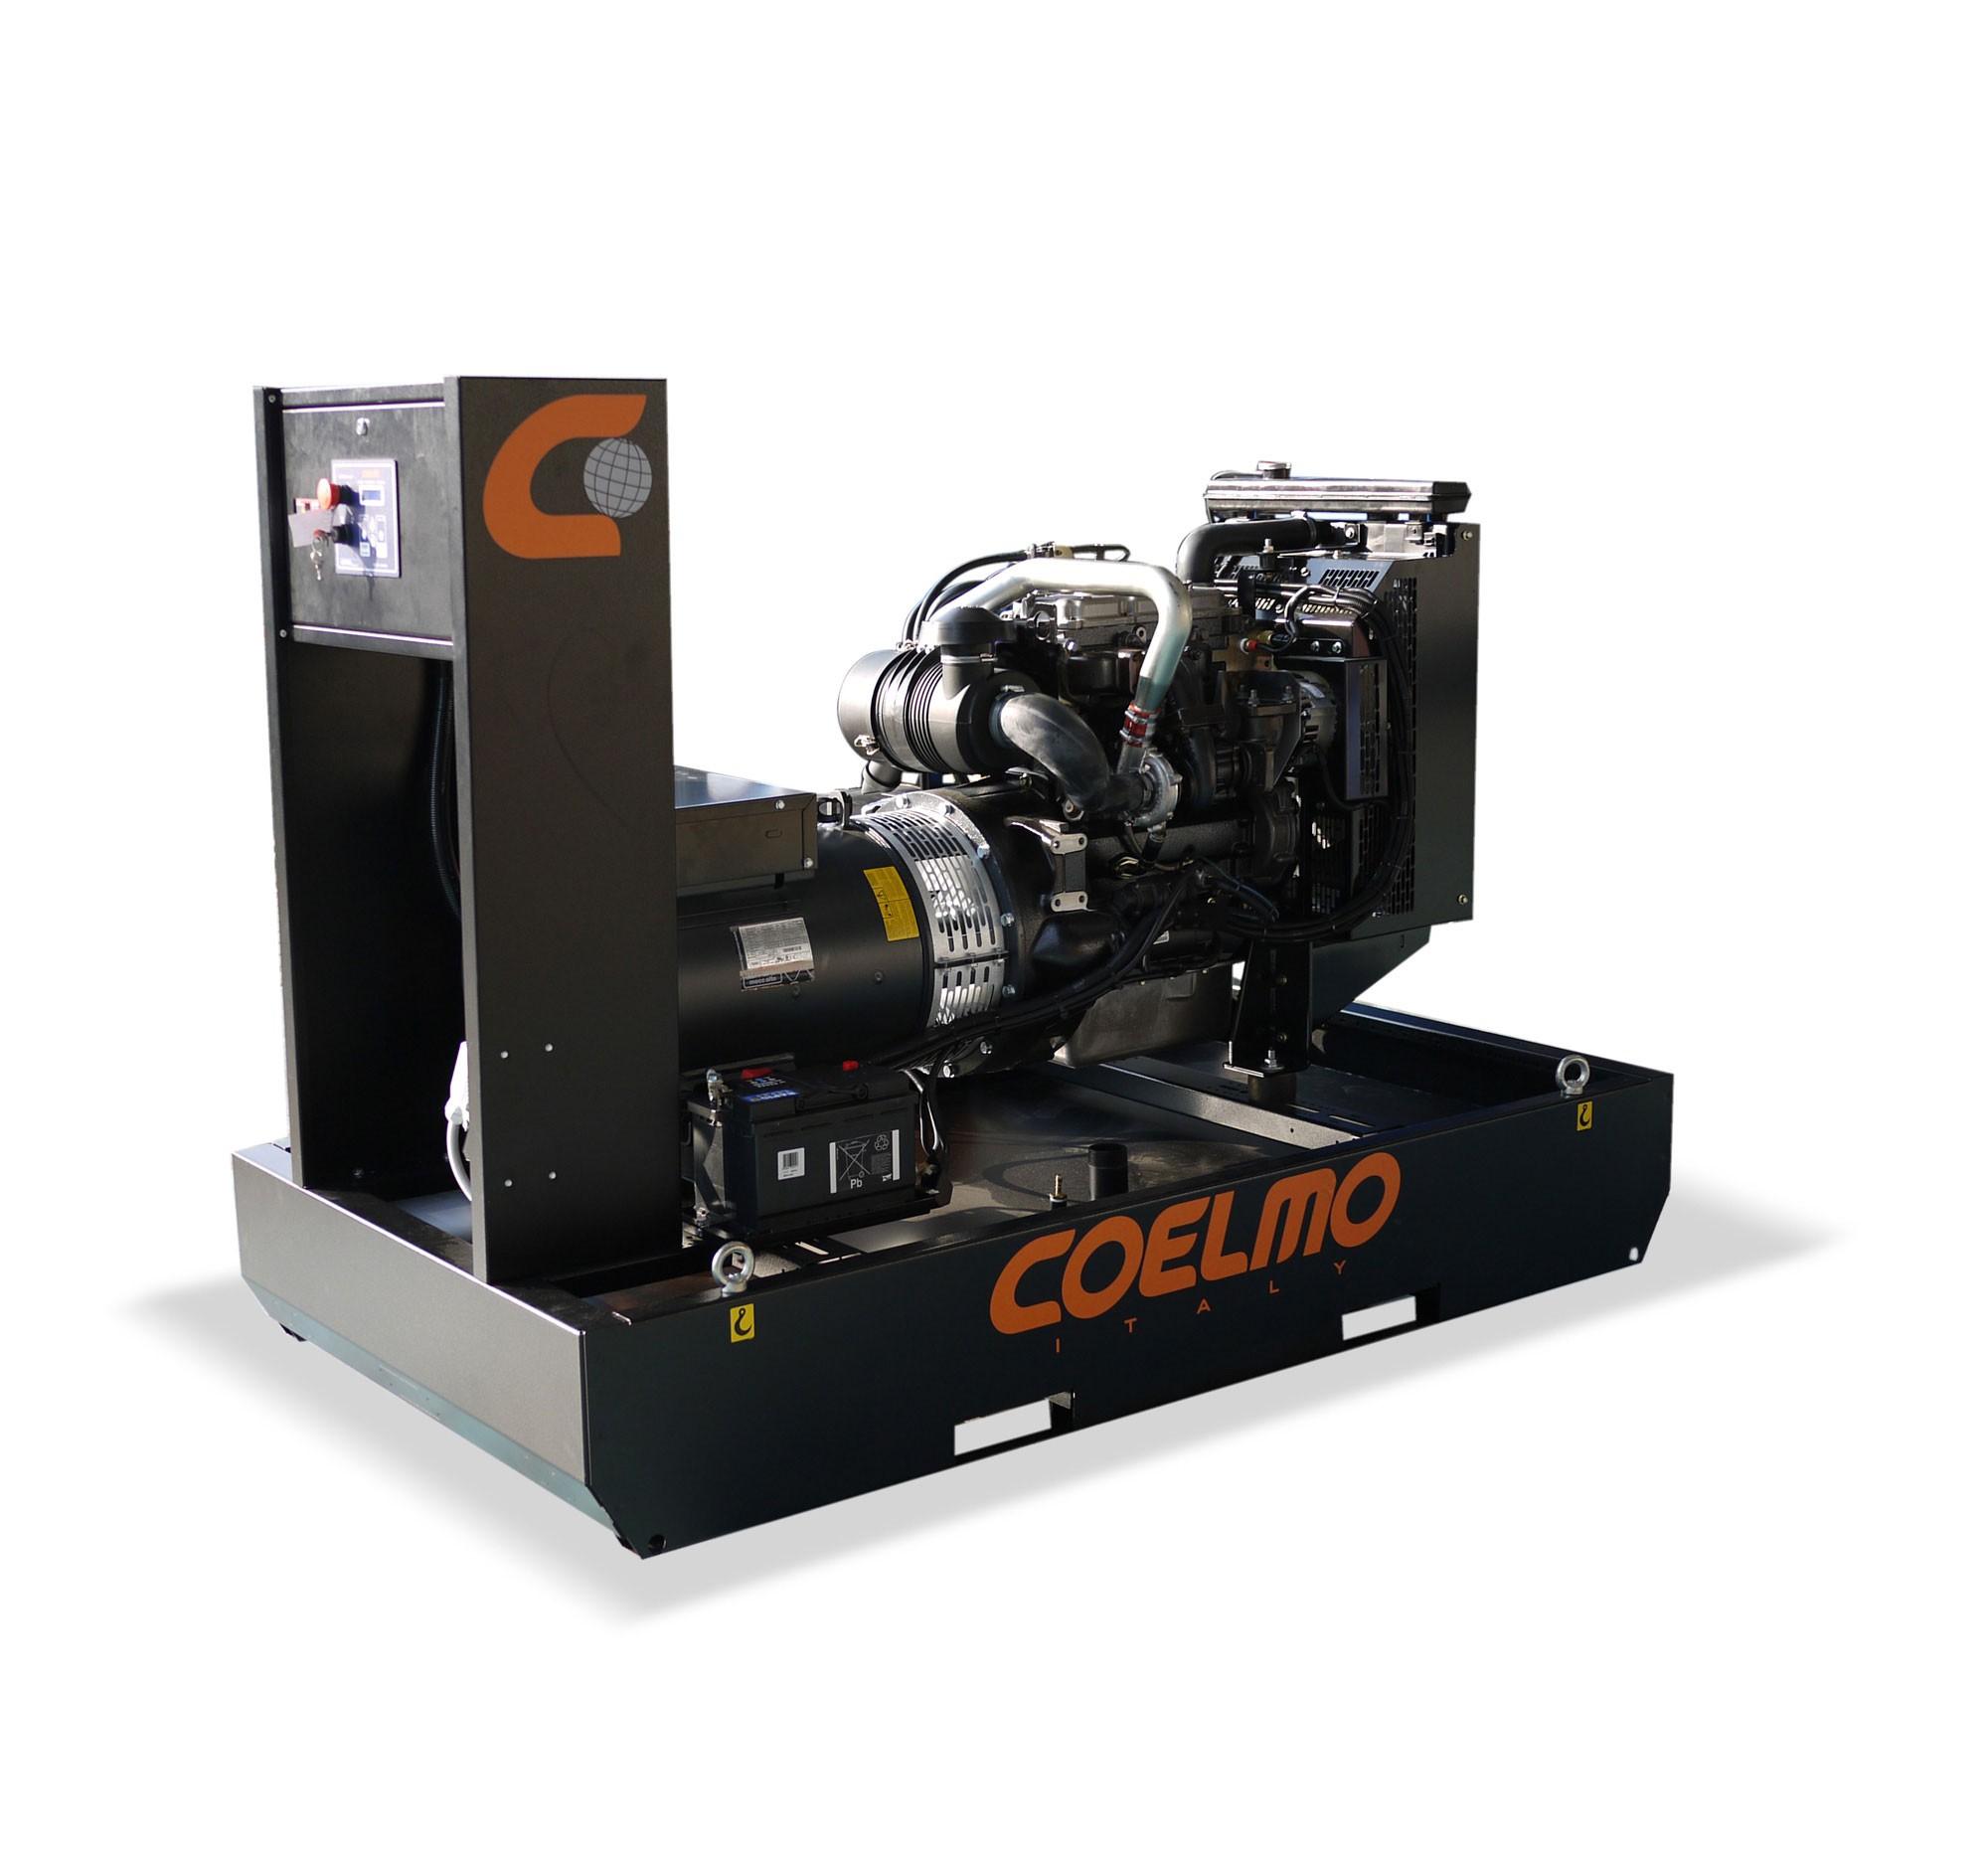 Coelmo PDT114c